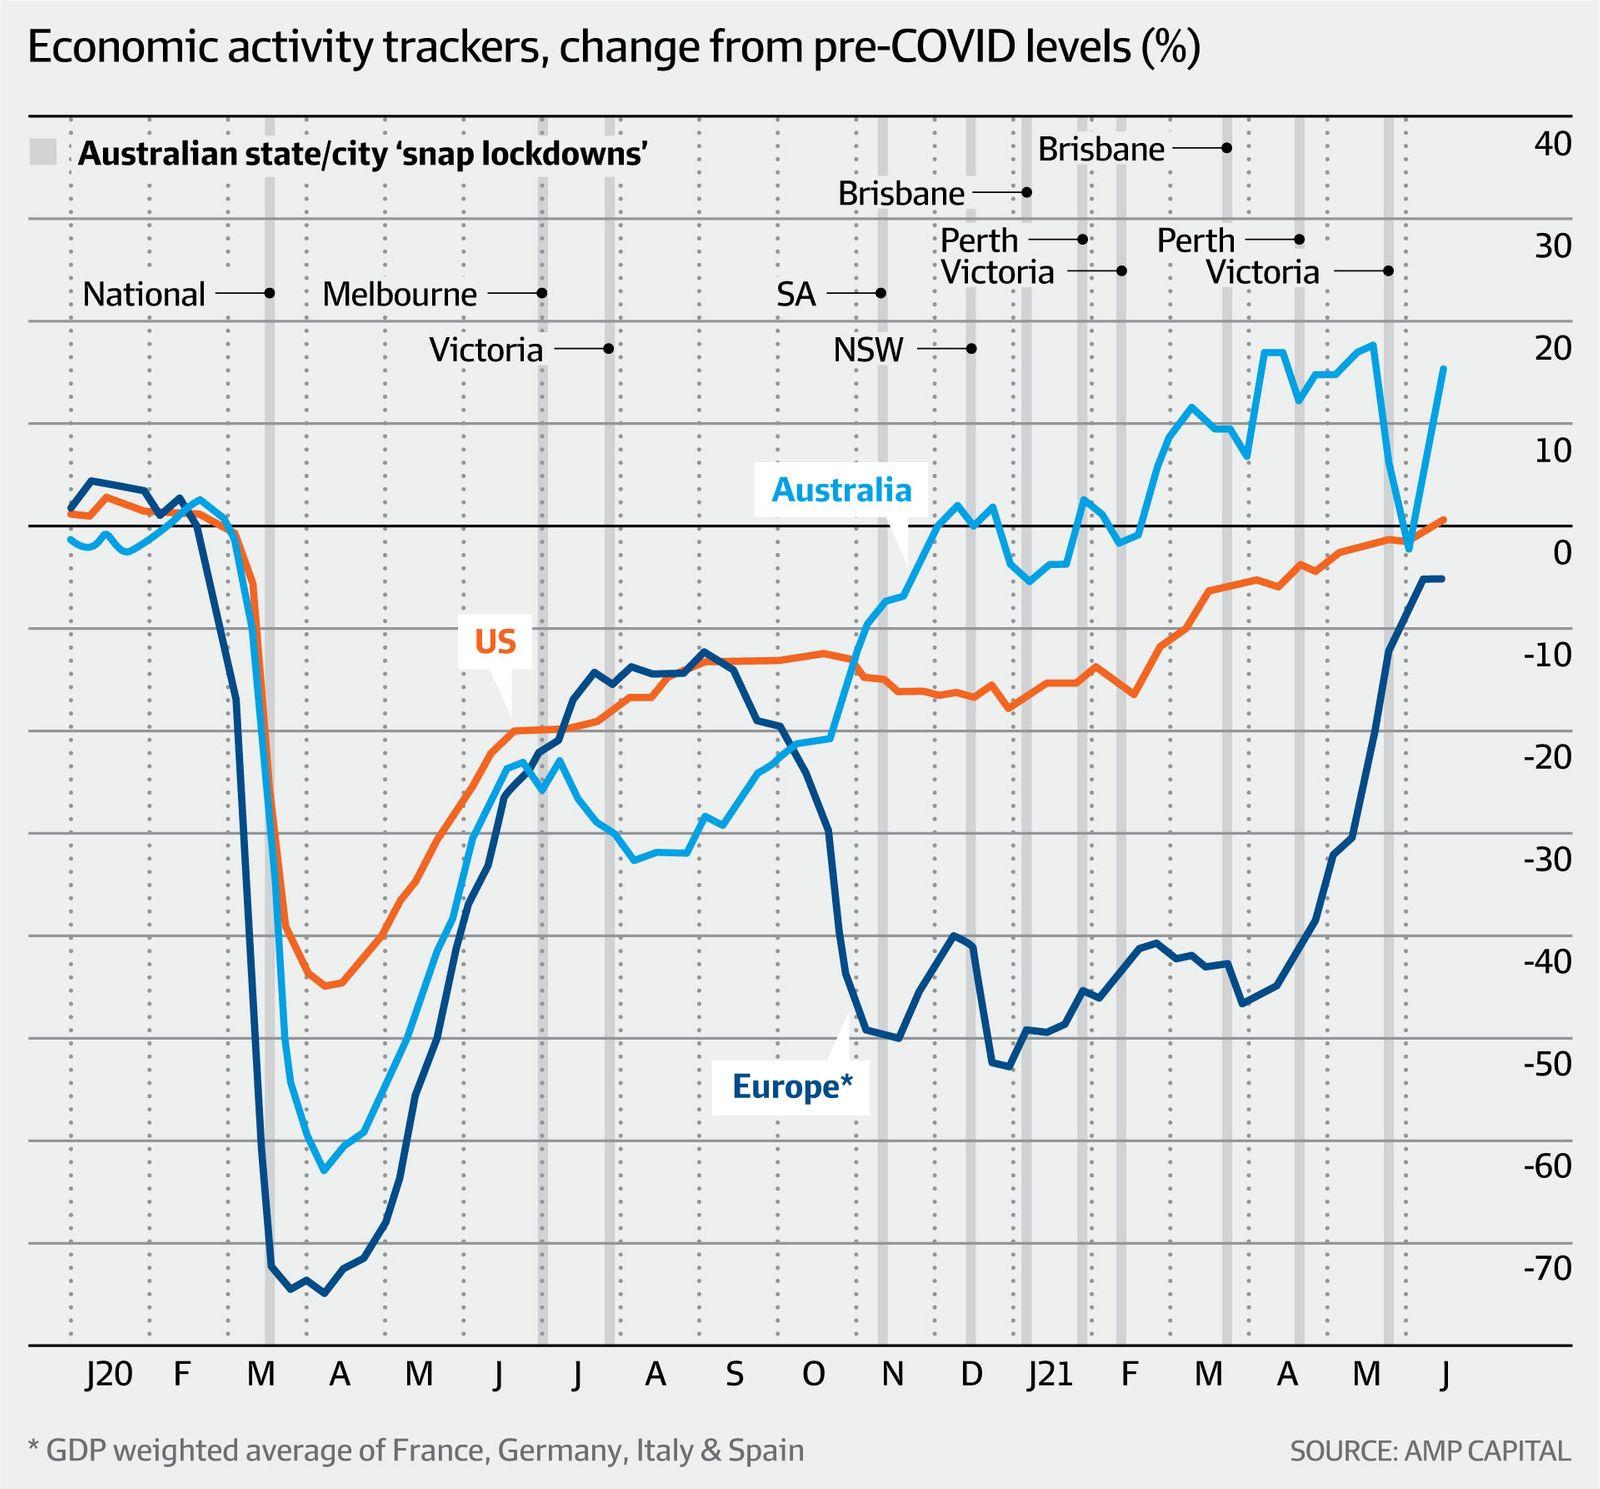 economic activity trackers